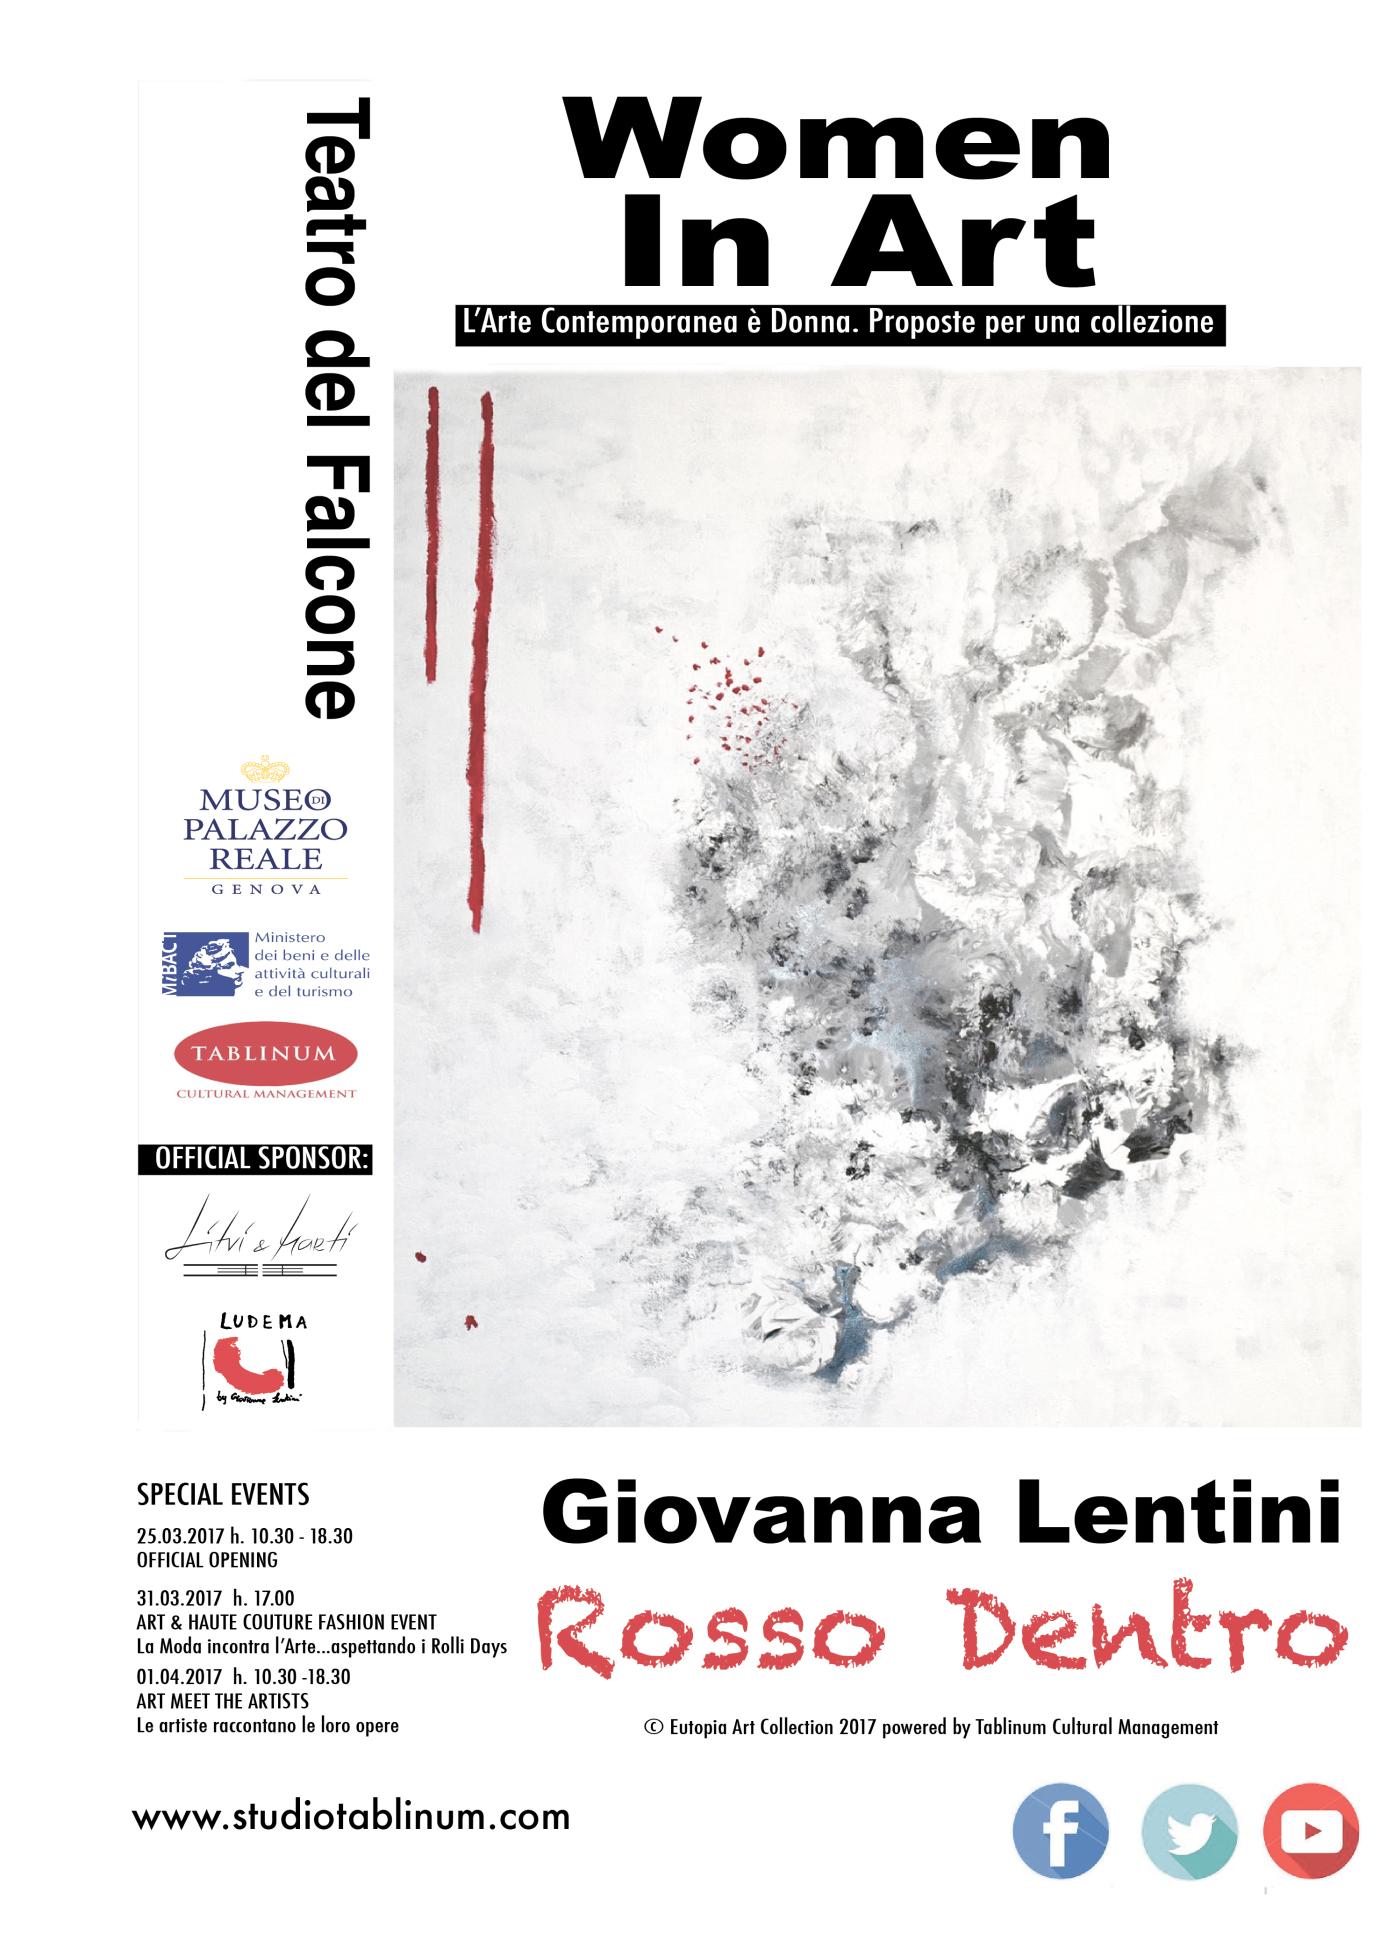 Alla mostra  Women in Art  di Genova le opere dell artista marsalese Giovanna Lentini.